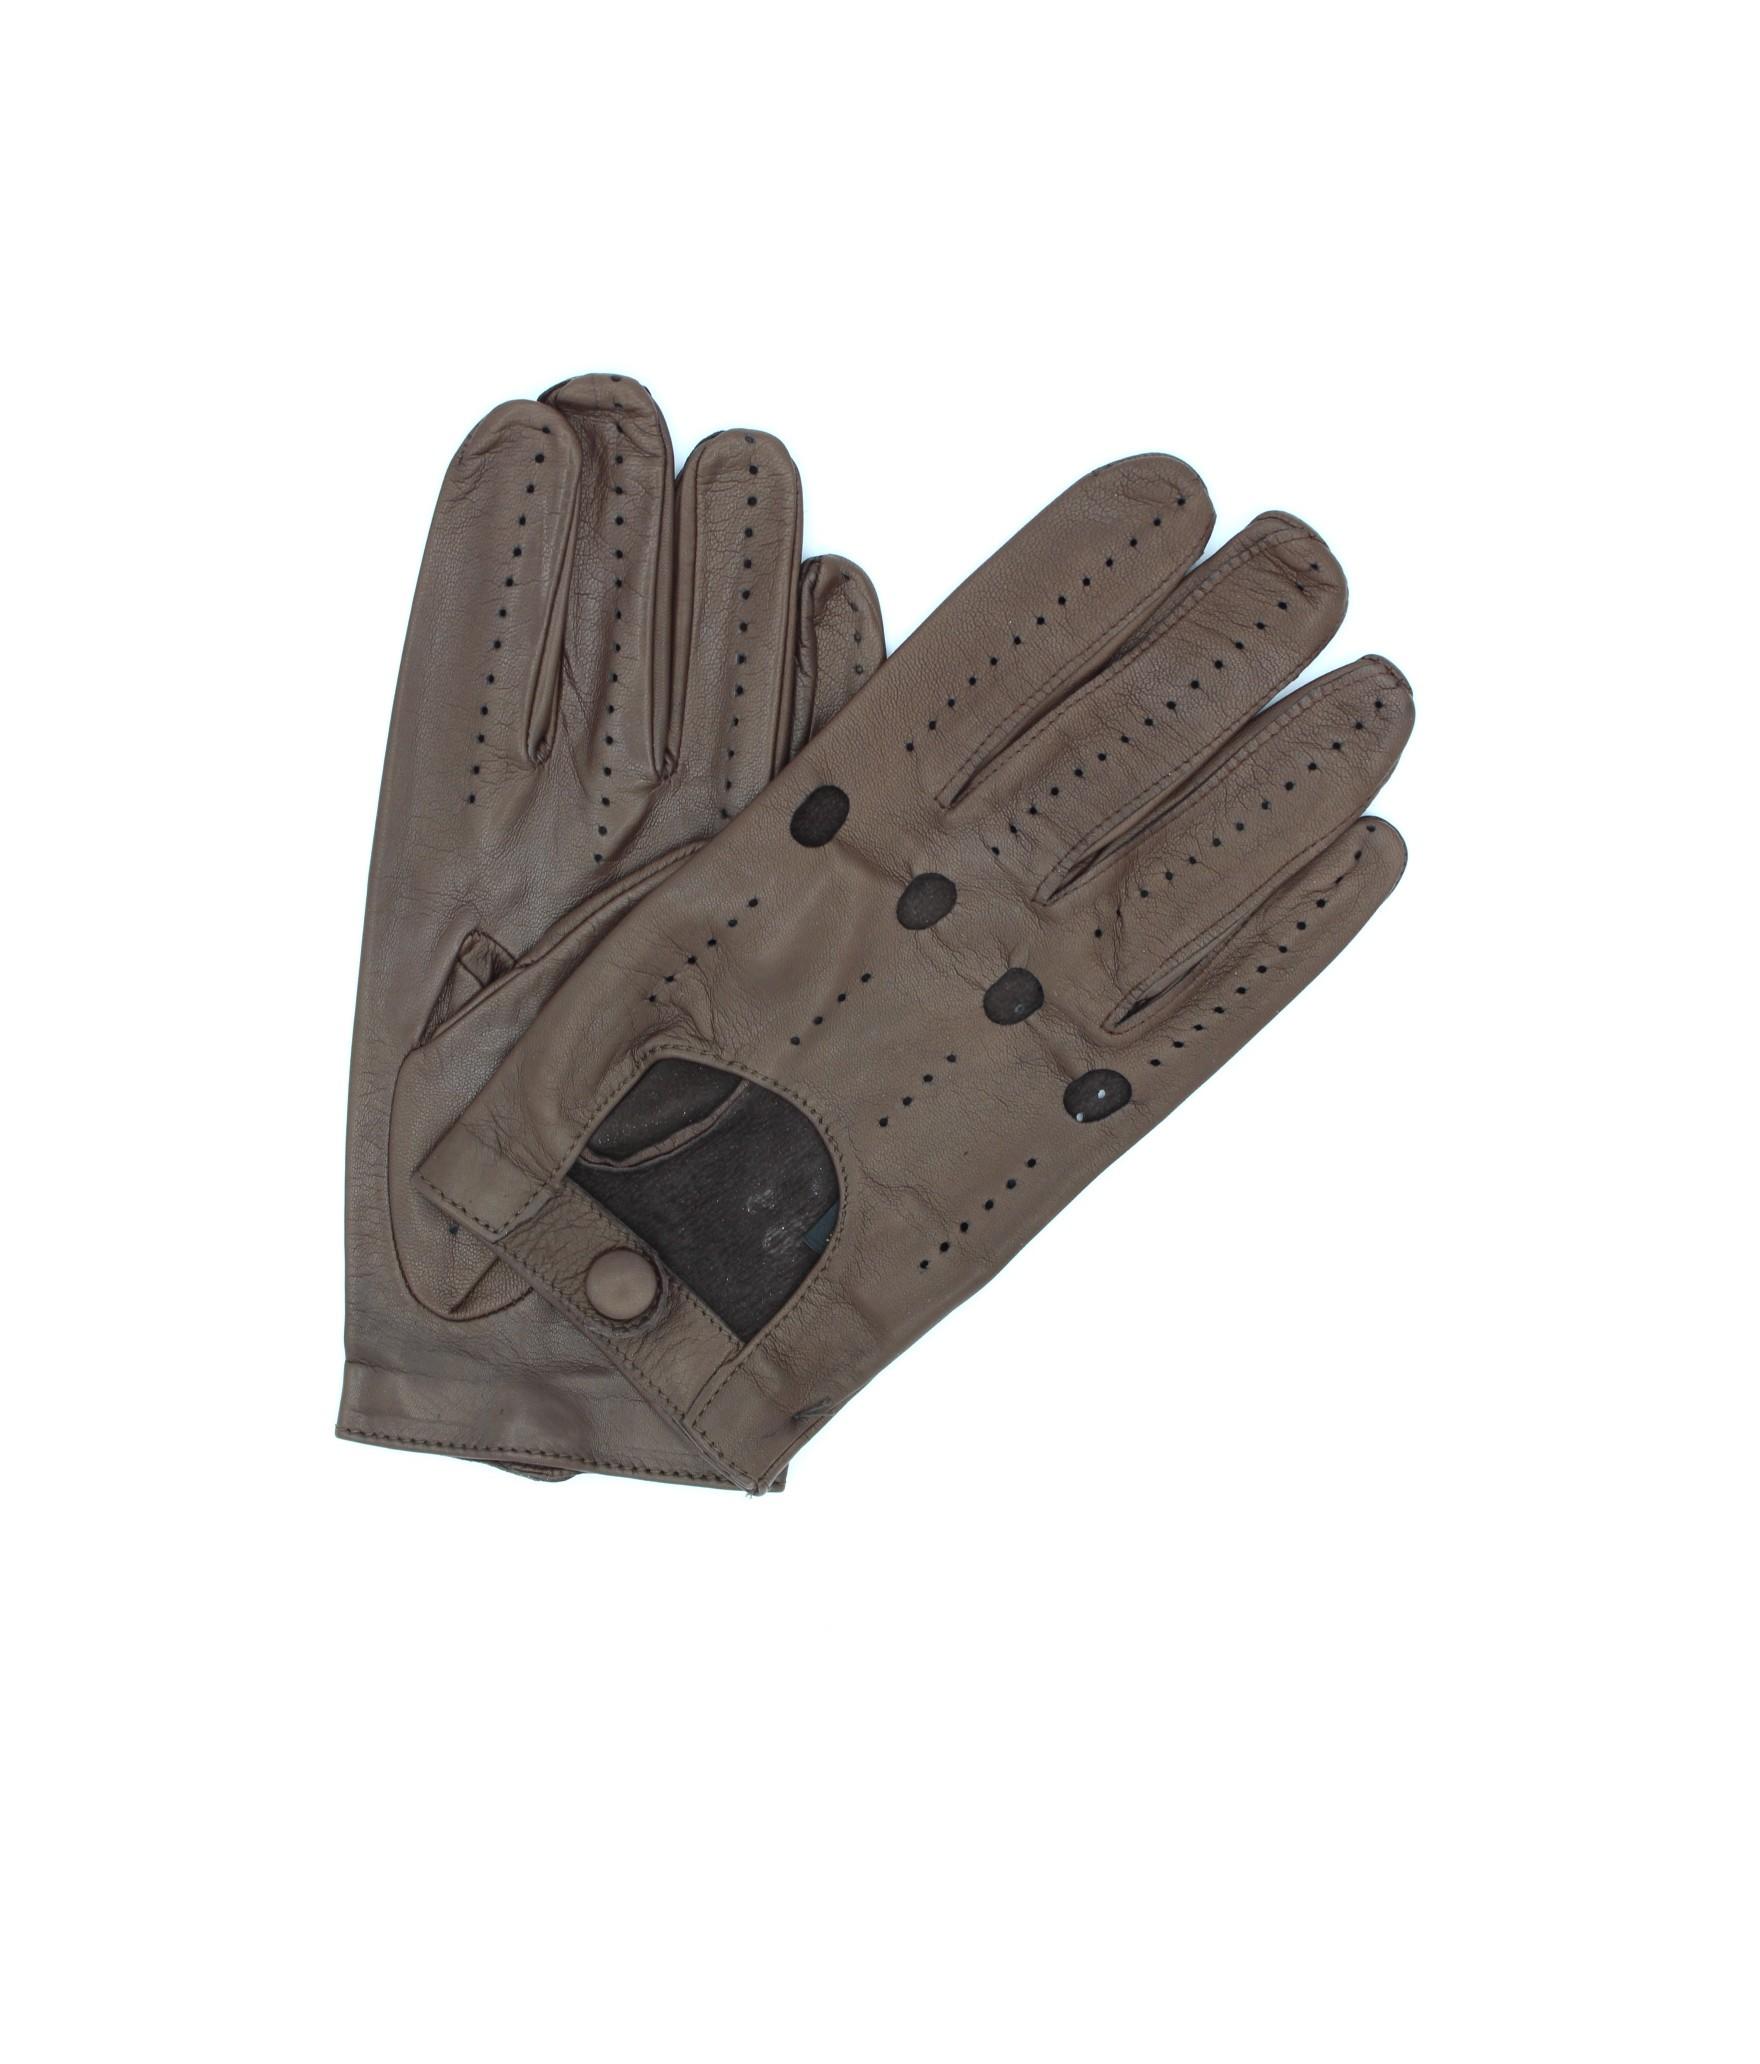 Guanto da Guida in Nappa dita intere Mink Sermoneta Gloves